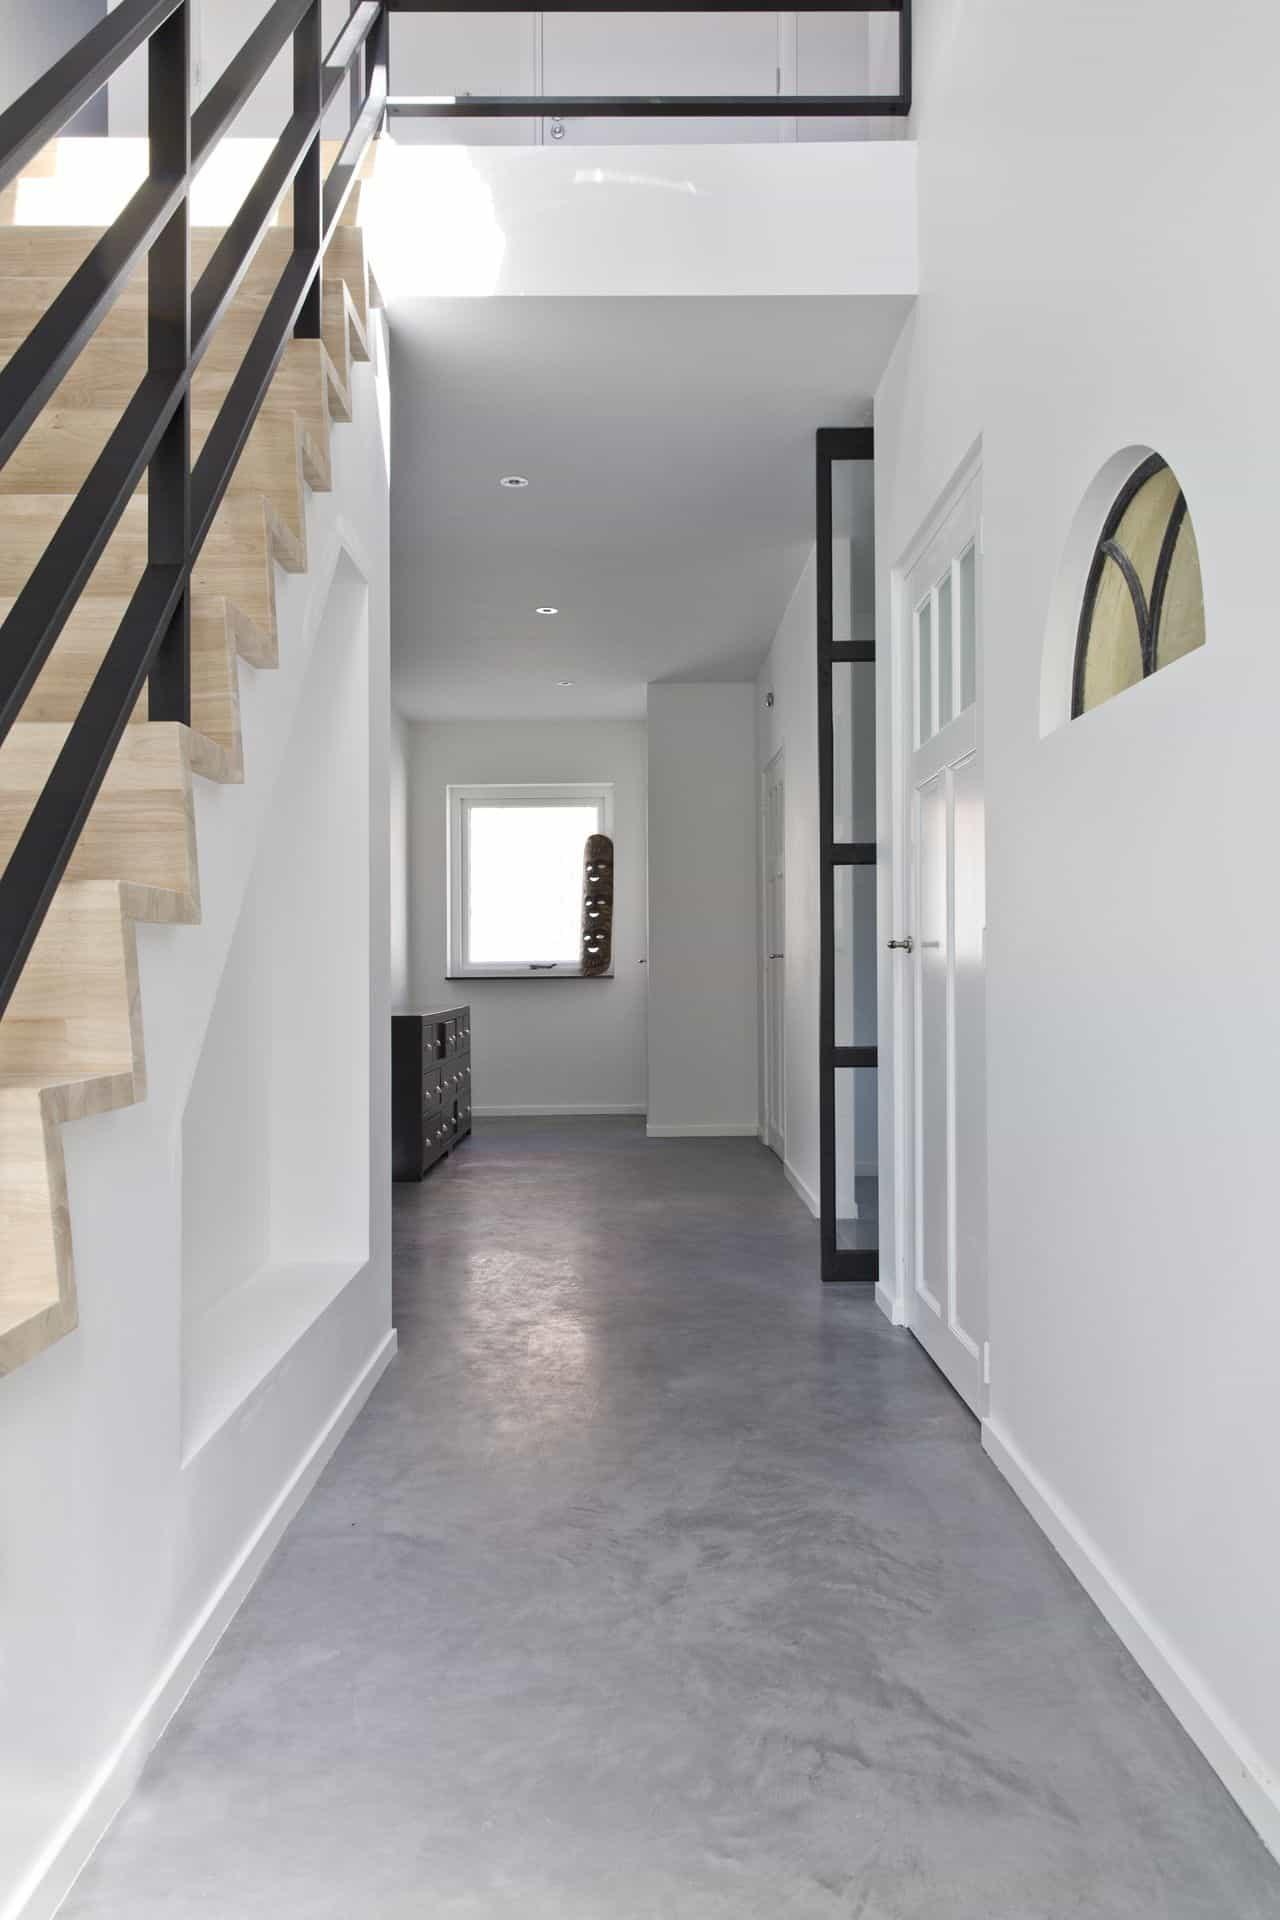 betonvloer in hal, hal met betonvloer, betonvloer in de hal, woonbeton in gang, gevlinderde betonvloer in hal